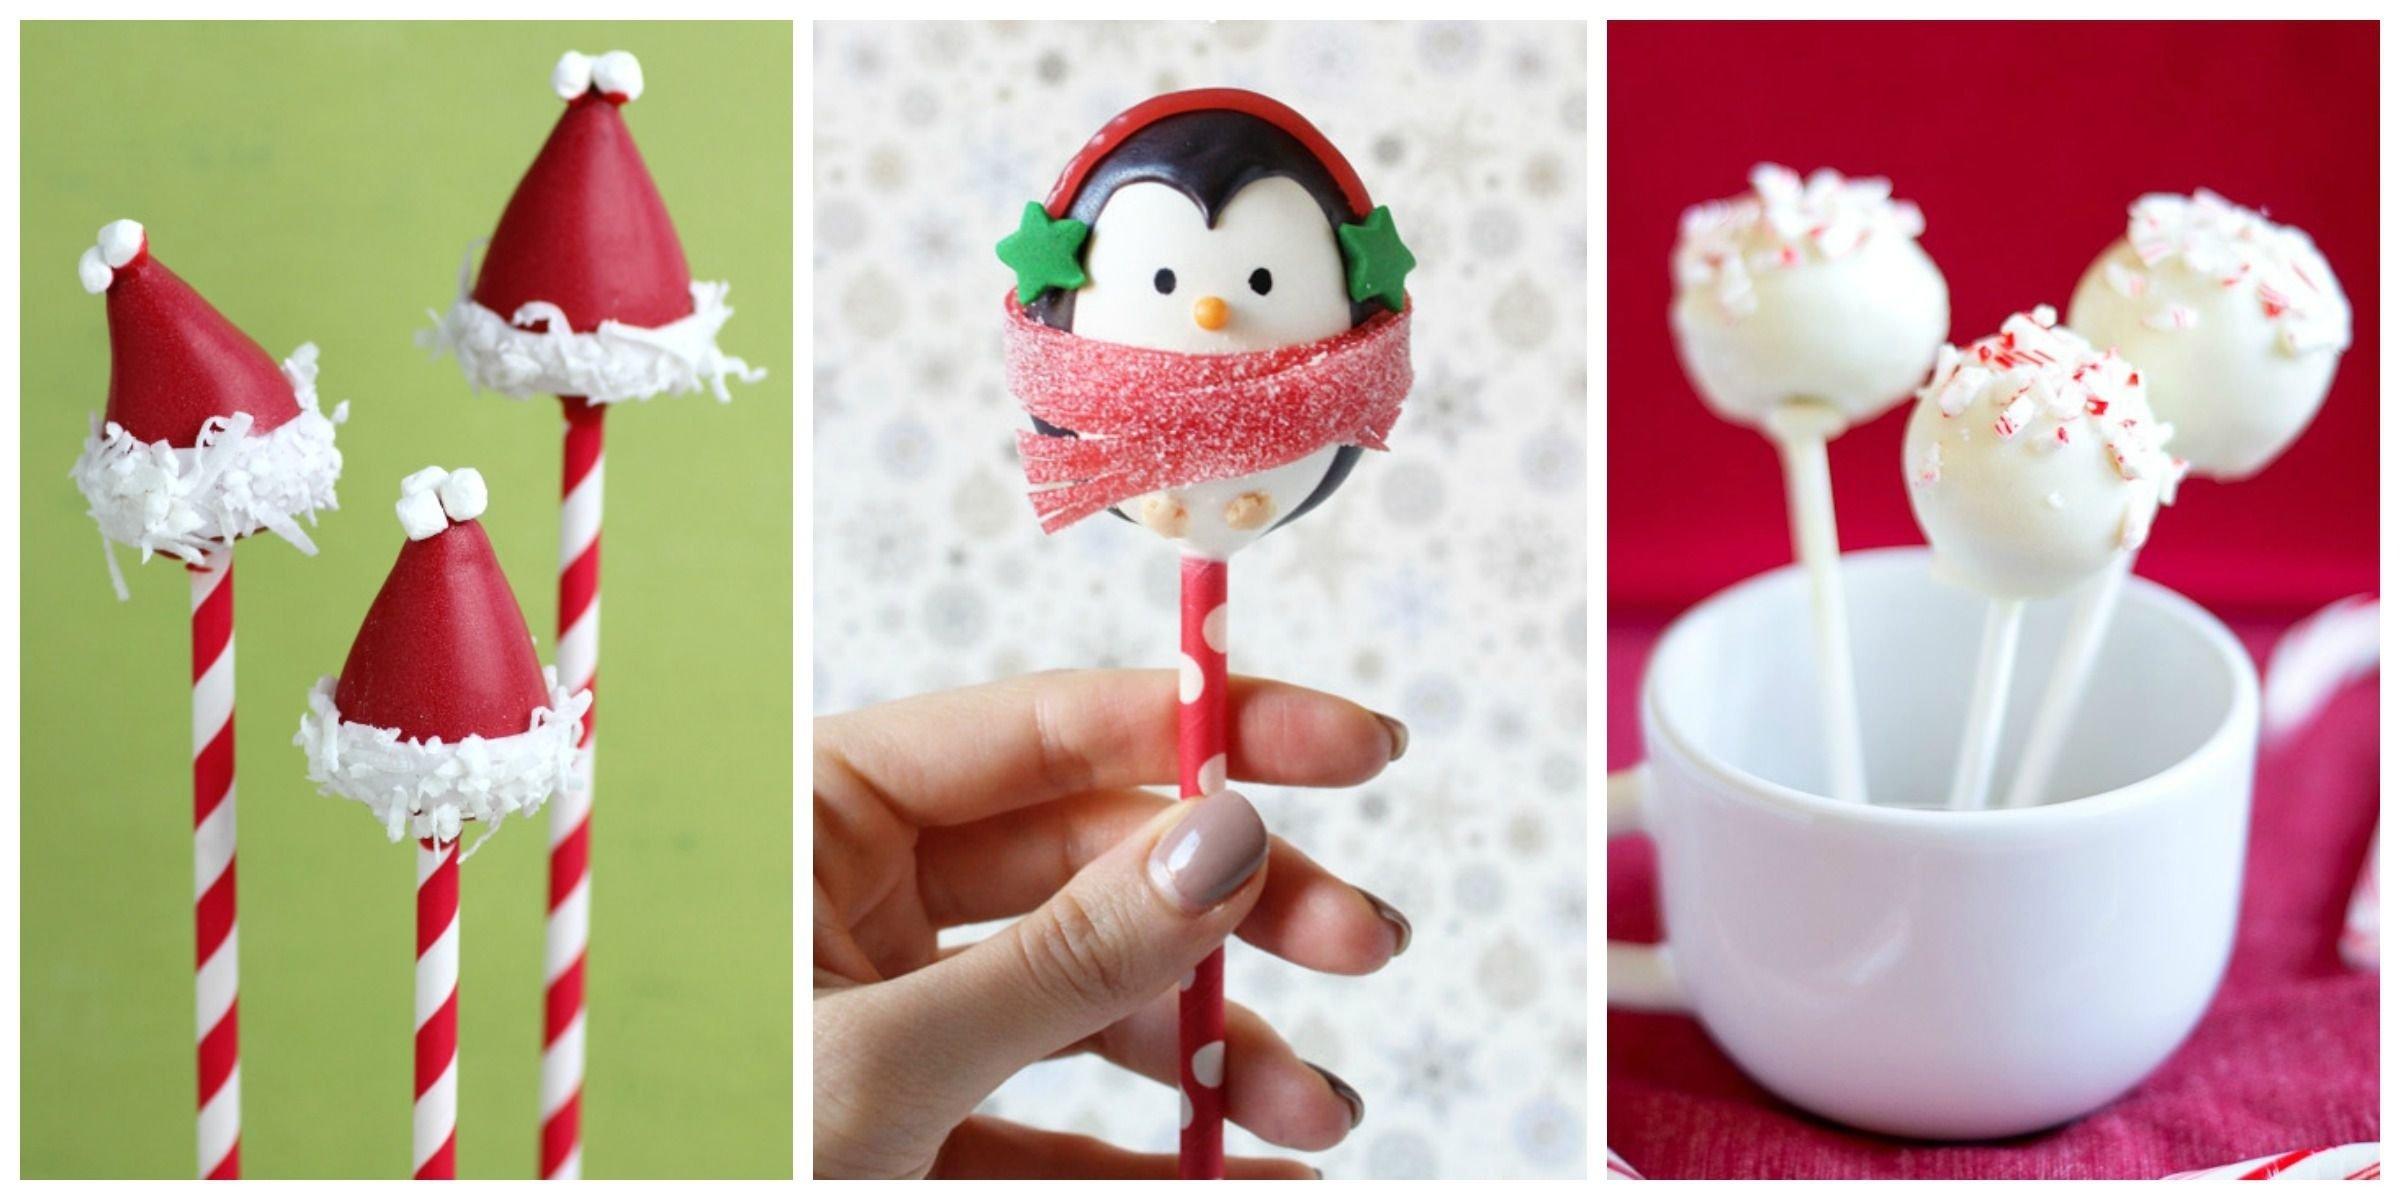 10 Elegant Cake Pop Ideas For Christmas 17 easy christmas cake pop ideas best christmas cake pop recipes 2020